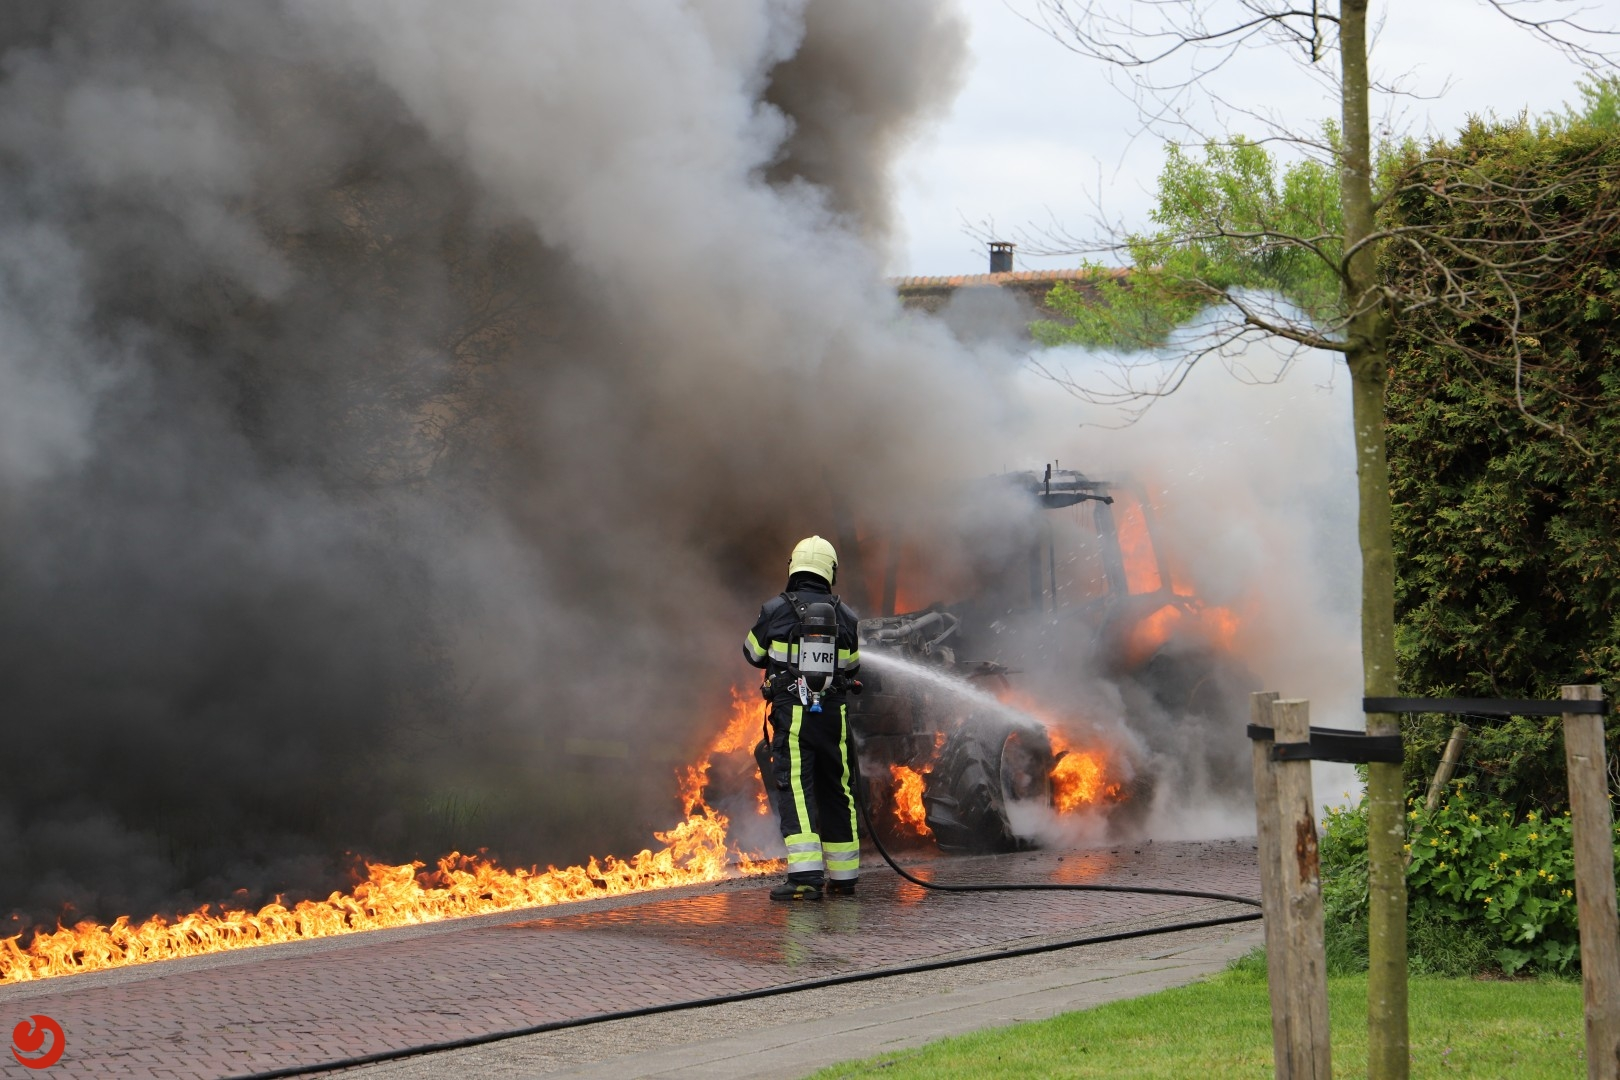 Tractorbrand in wijde omtrek te zien